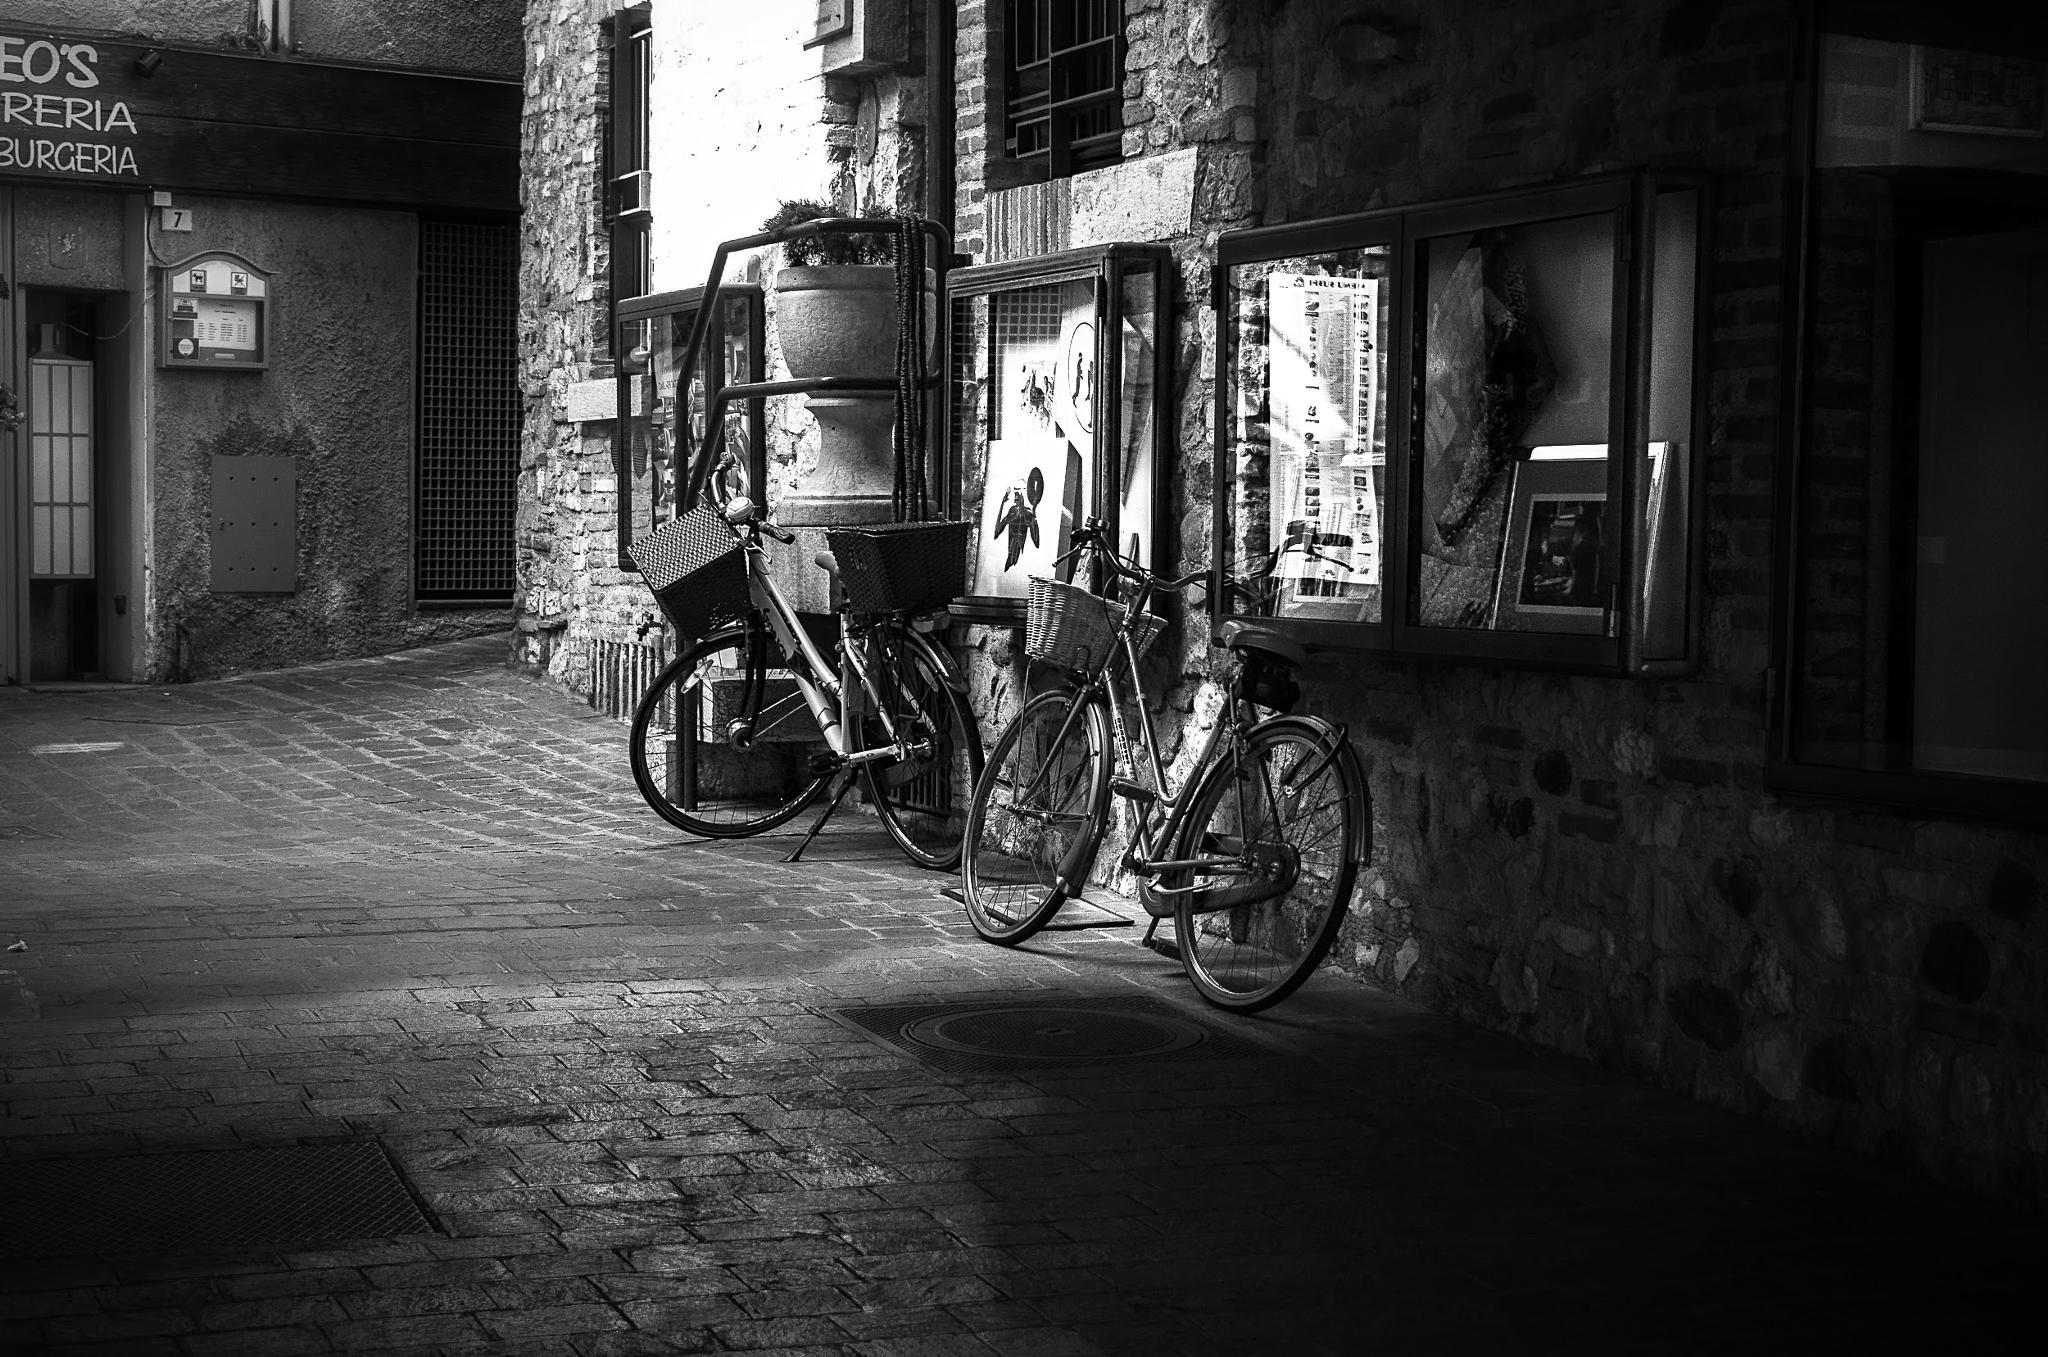 ..biciclette a riposo.. by enricosottocorna